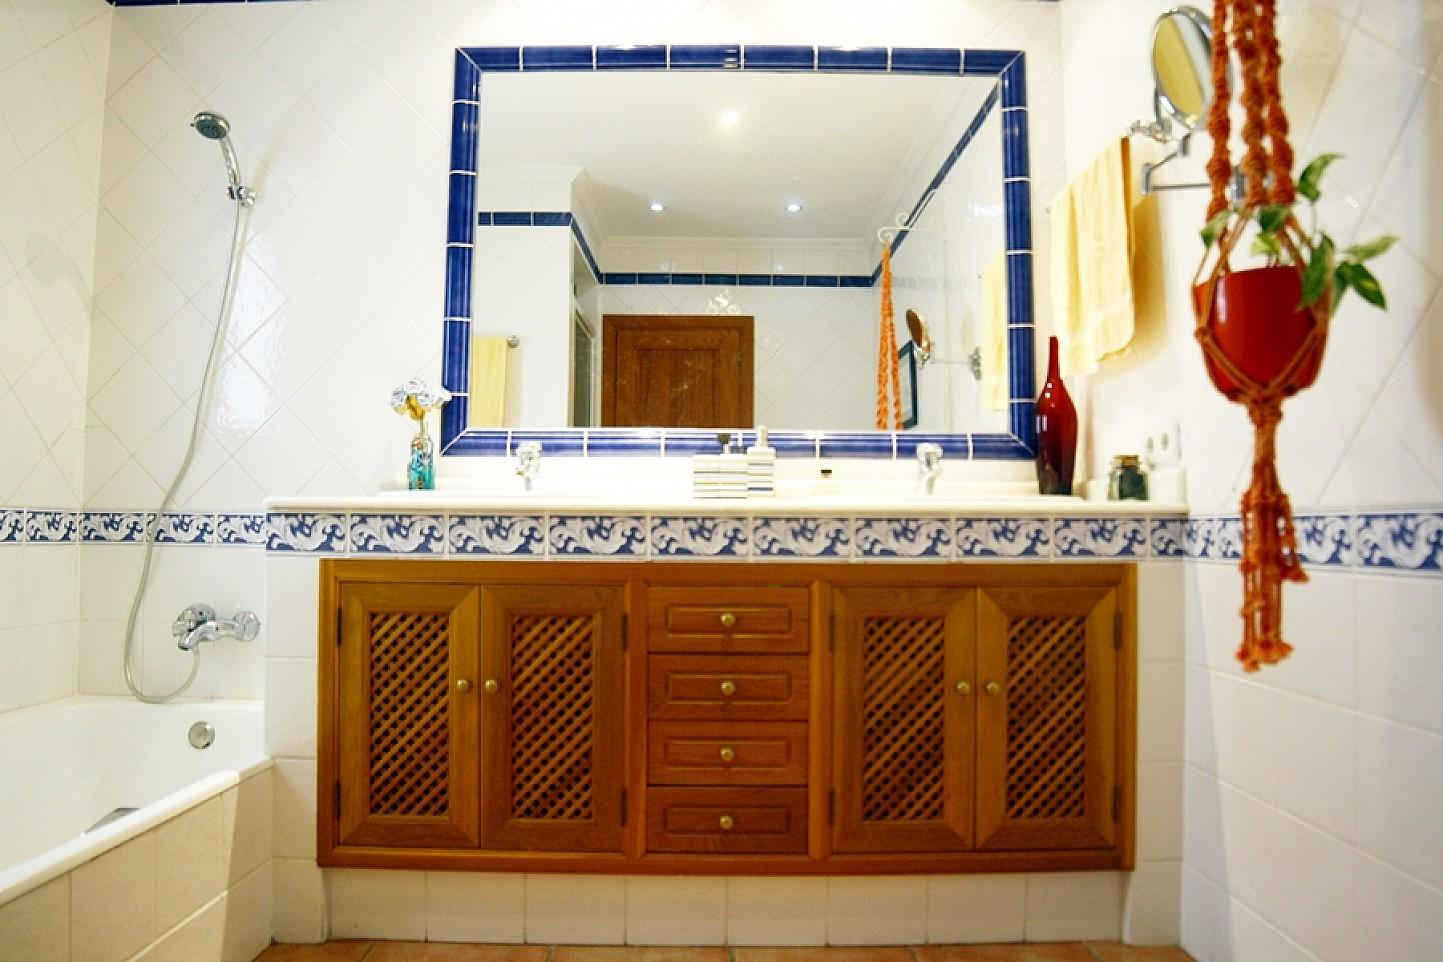 Baño con bañera de casa unifamiliar con mucho encanto en venta en Llucmajor, Mallorca